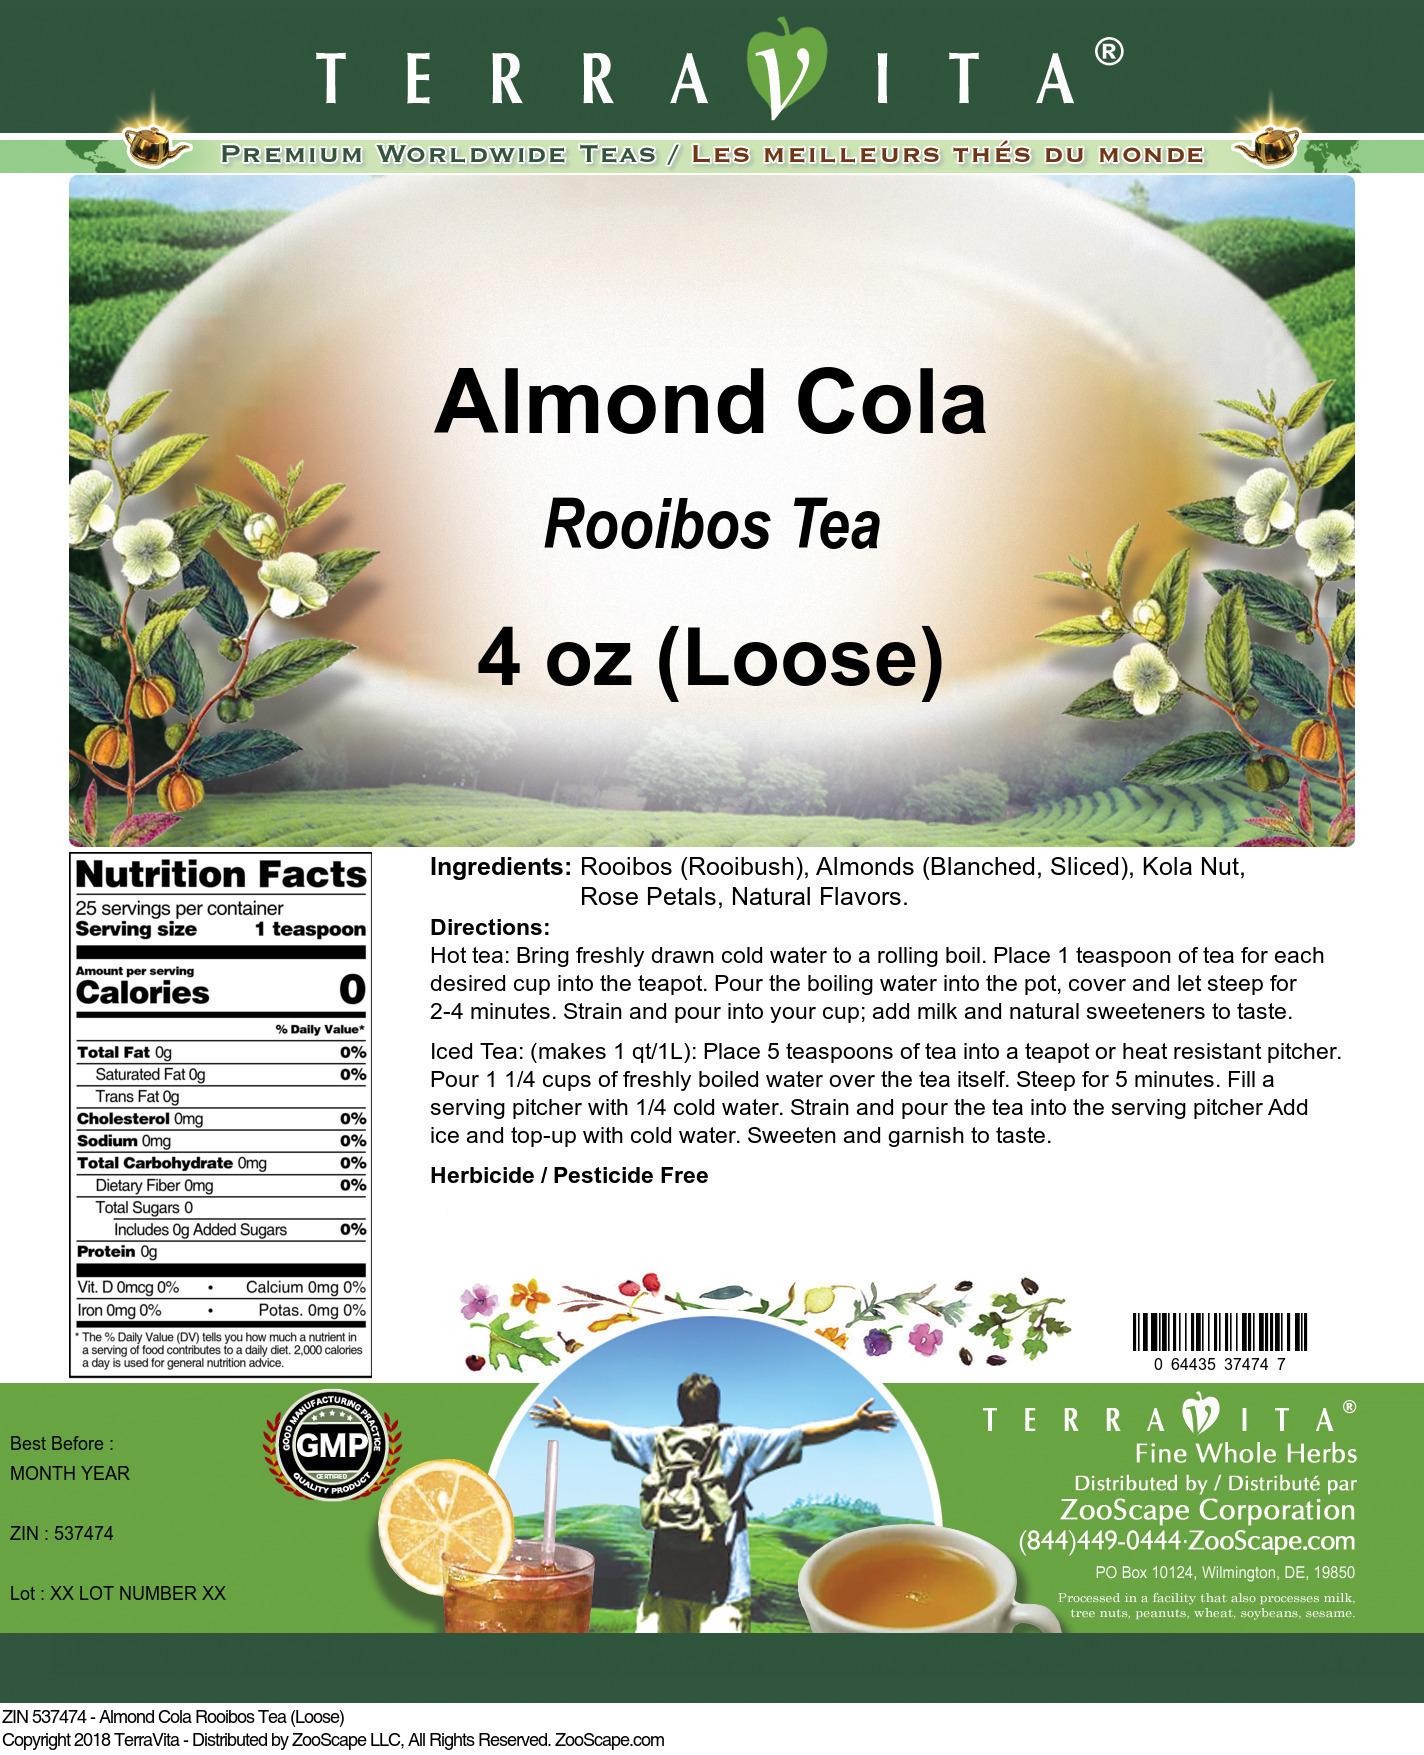 Almond Cola Rooibos Tea (Loose)